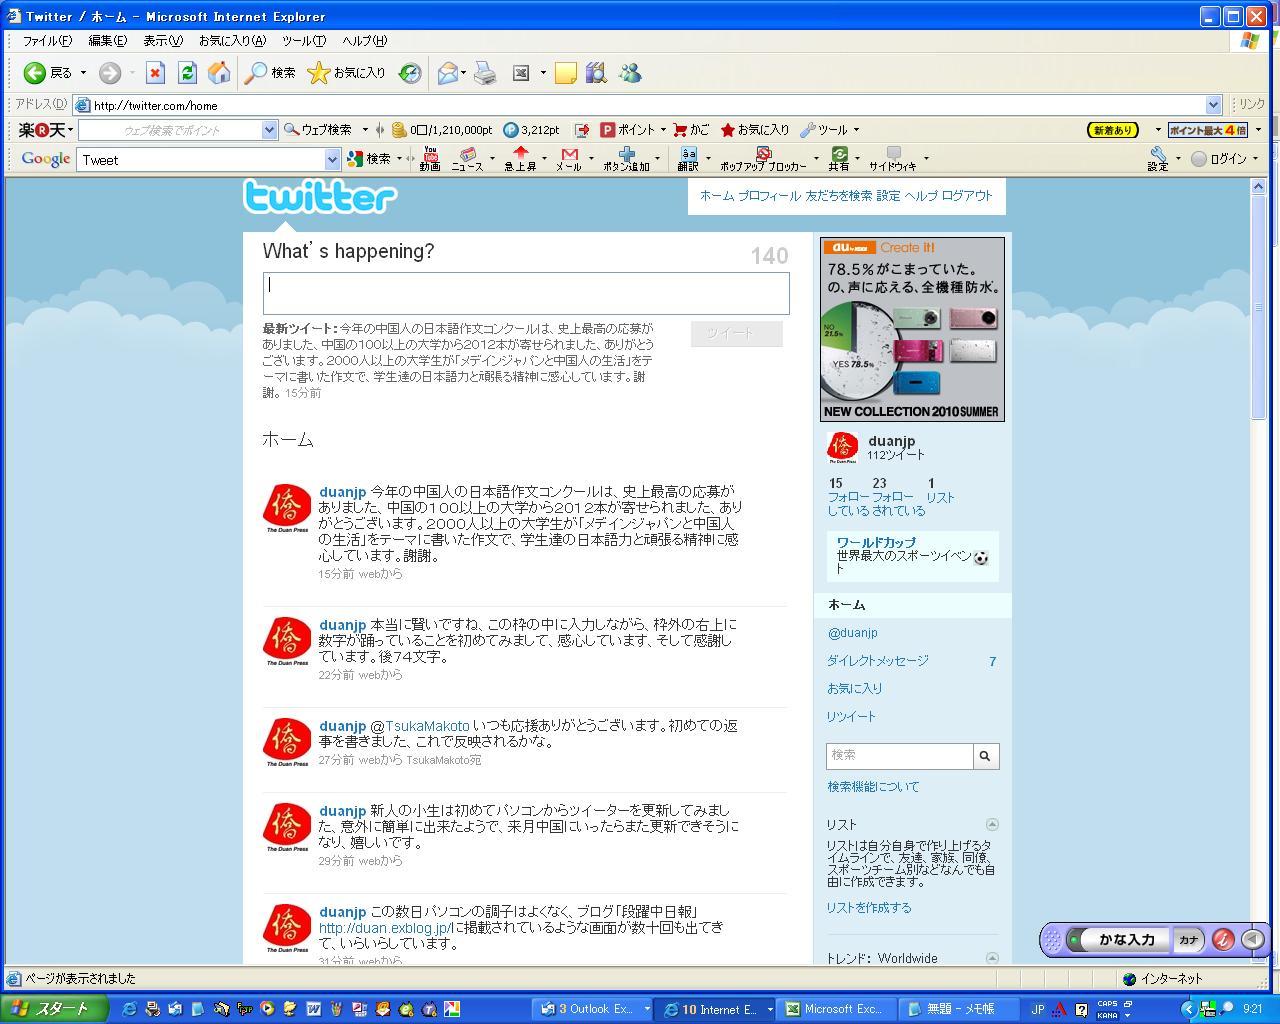 パソコンからツイーター更新 一気に数件_d0027795_925596.jpg